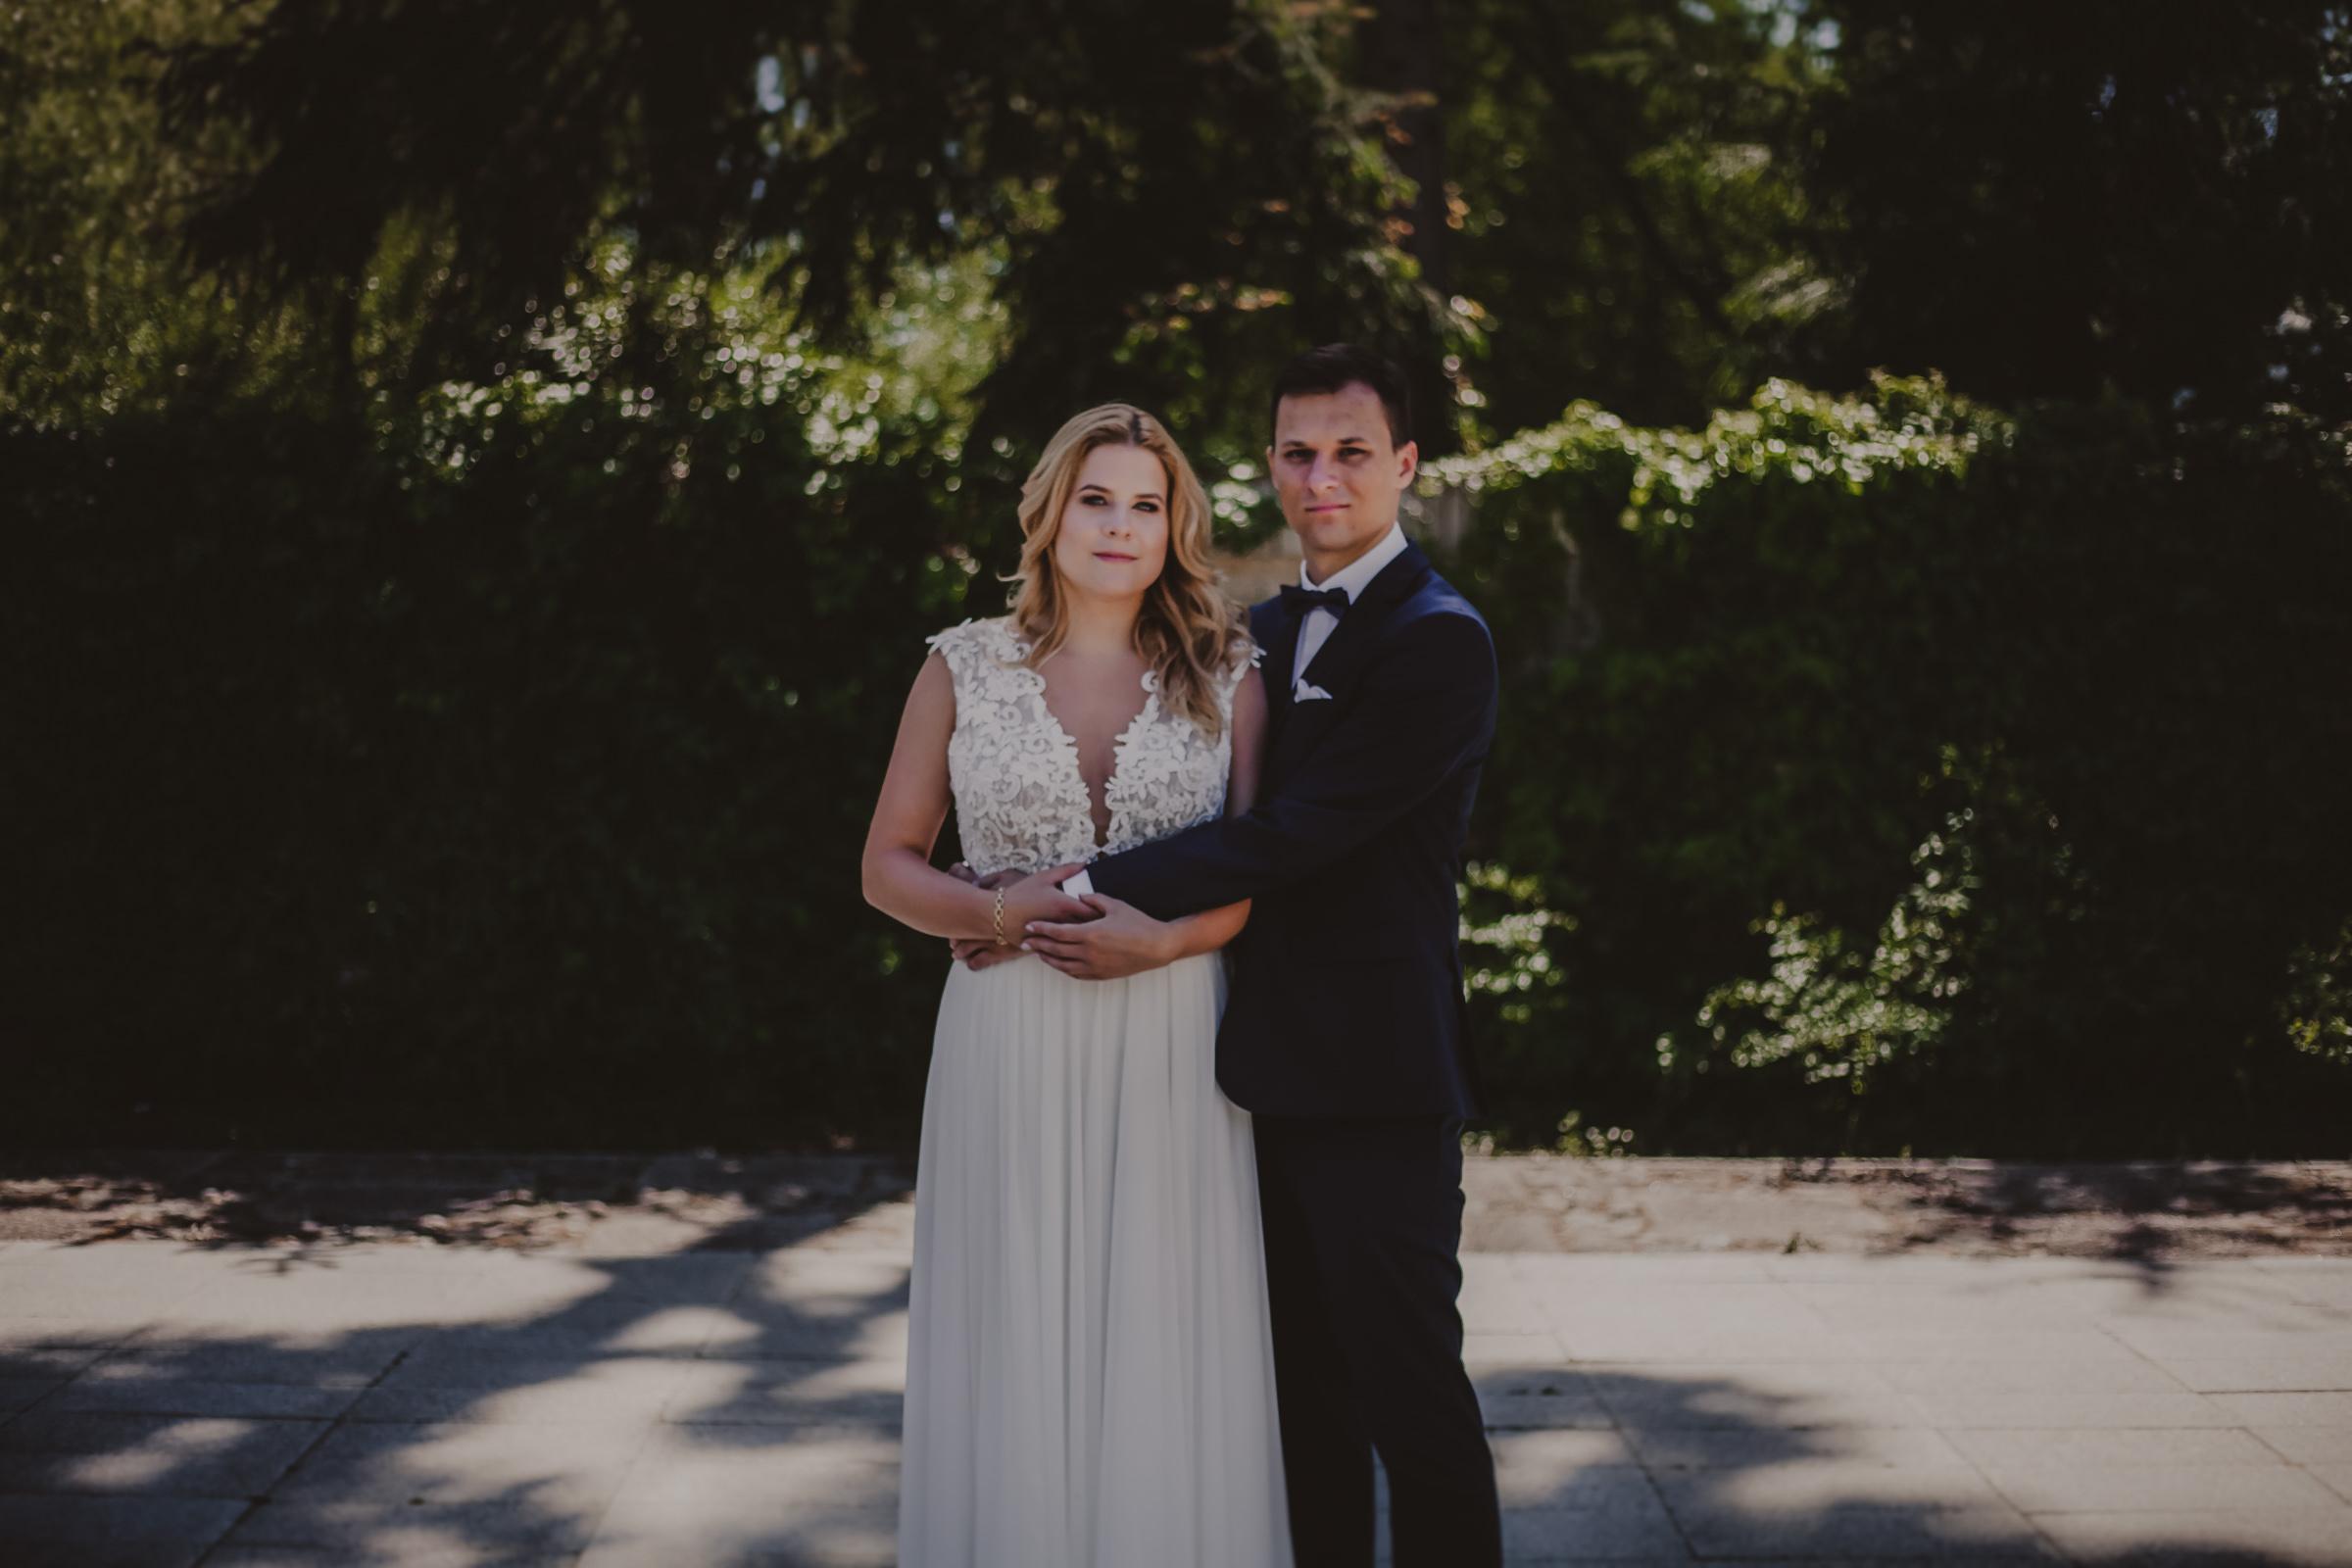 fotografie ślubne sesja